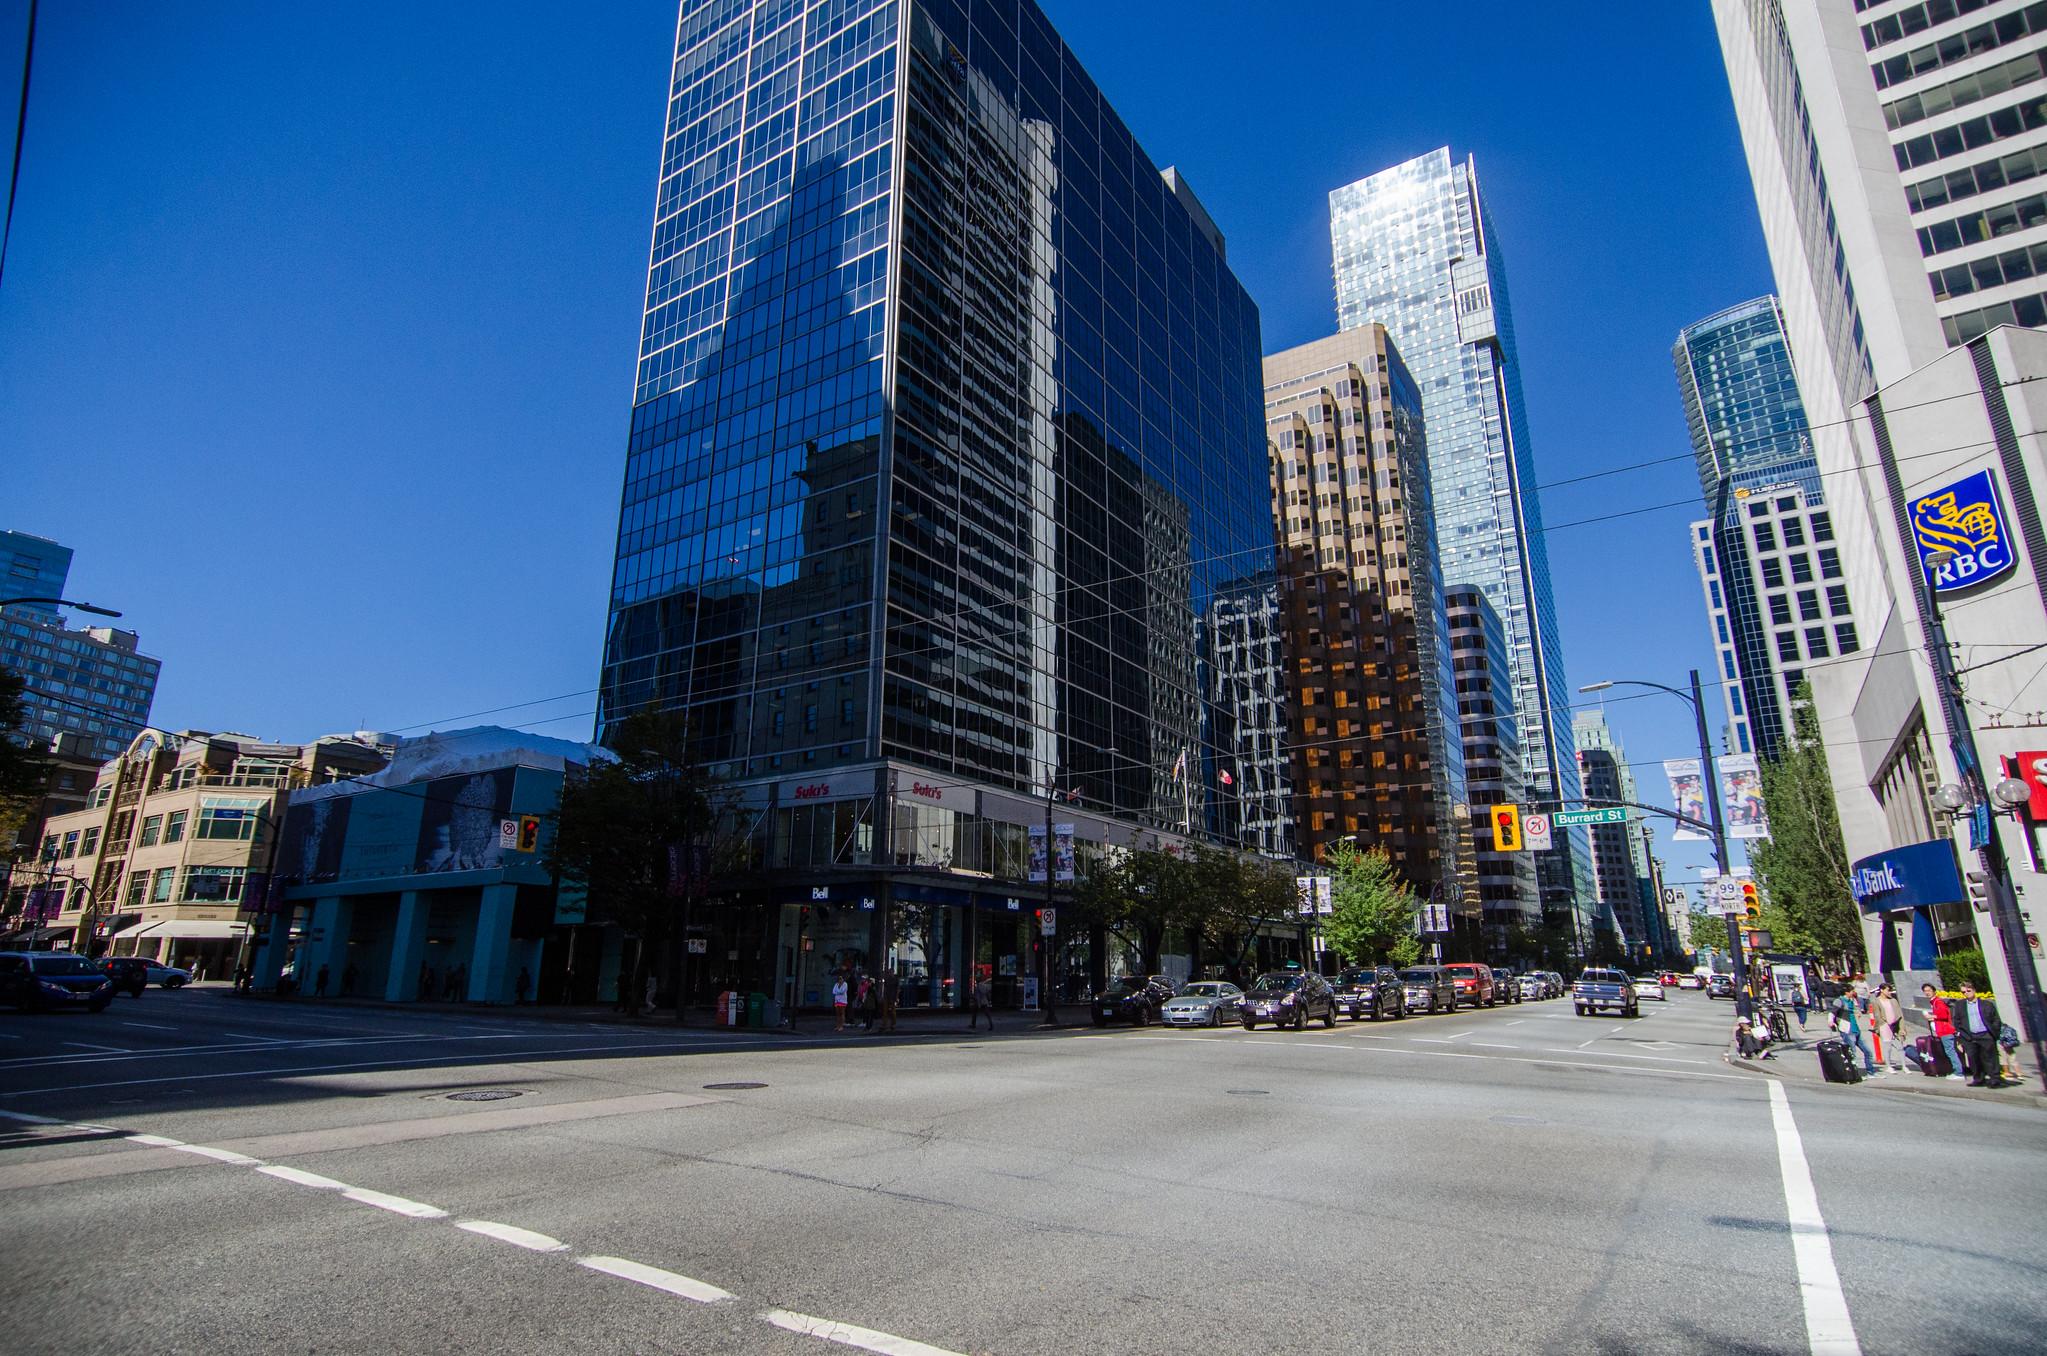 버라드 스트리트, 캐나다에서 두 번째로 비싼 거리